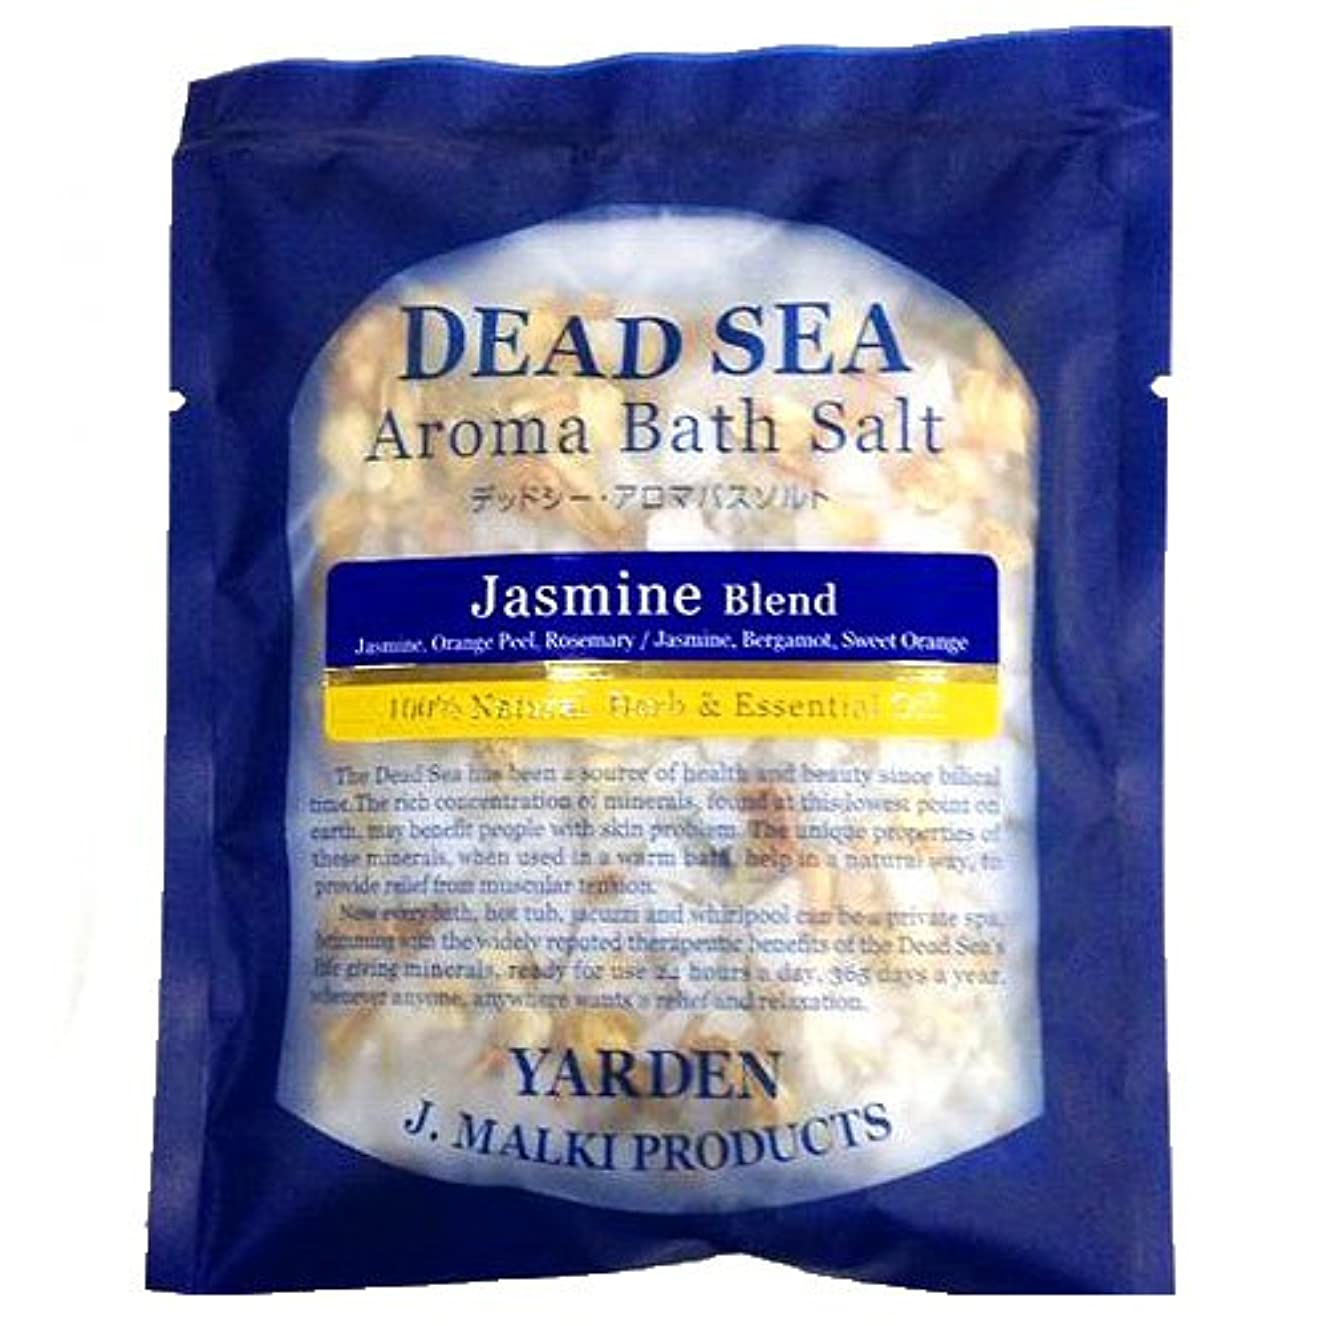 してはいけないアクション相談デッドシー?アロマバスソルト/ジャスミンブレンド 80g 【DEAD SEA AROMA BATH SALT】死海の塩+精油+ハーブ/入浴剤(入浴用化粧品)【正規販売店】